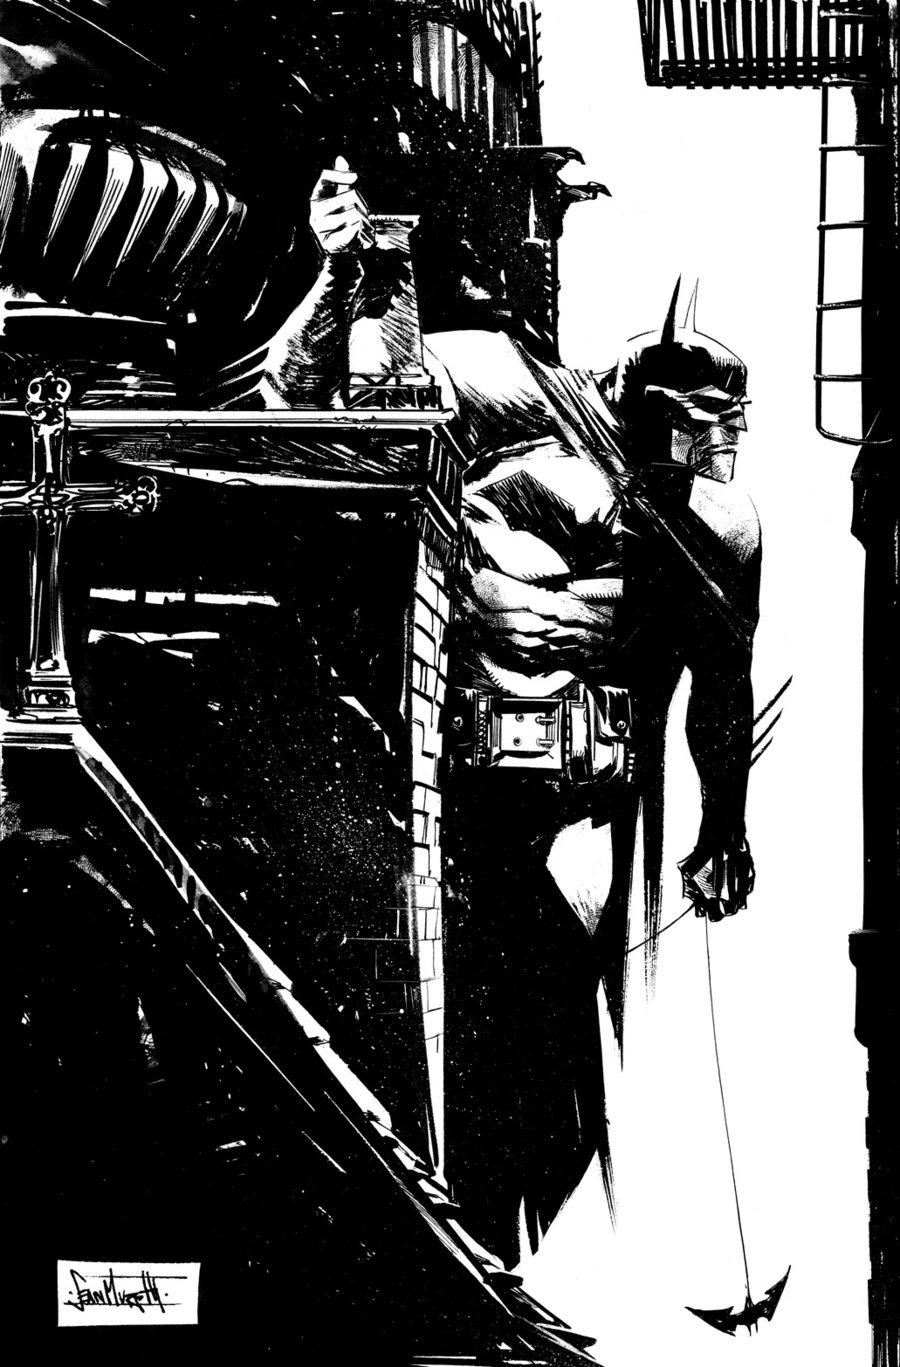 batman_by_seangordonmurphy-d4im52s.jpg